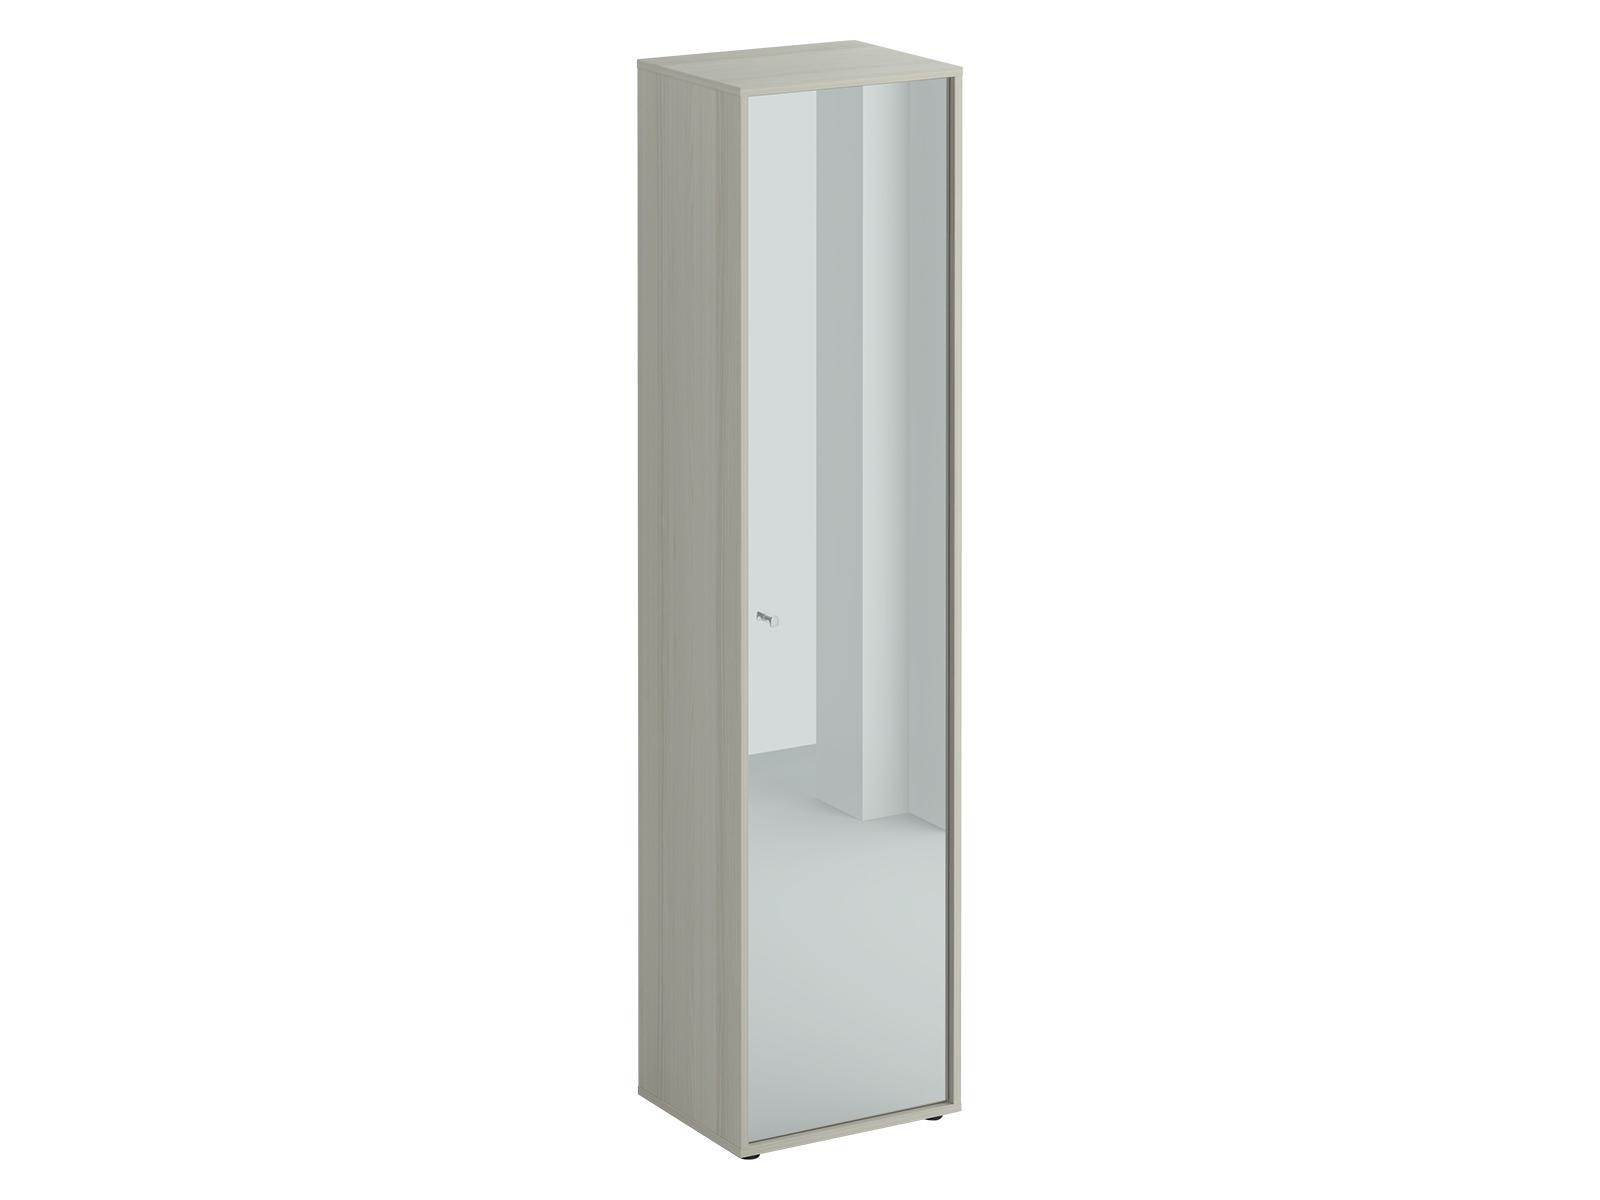 Шкаф однодверный LatteБельевые шкафы<br>Шкаф однодверный. Наполнение шкафа - 5 полок. Шкаф крепится к стене.&amp;lt;div&amp;gt;Зеркальный фасад&amp;lt;/div&amp;gt;&amp;lt;div&amp;gt;&amp;lt;br&amp;gt;&amp;lt;/div&amp;gt;&amp;lt;div&amp;gt;&amp;lt;span style=&amp;quot;line-height: 24.9999px;&amp;quot;&amp;gt;Ручки в комплект не входят&amp;lt;/span&amp;gt;&amp;lt;br&amp;gt;&amp;lt;/div&amp;gt;<br><br>Material: ДСП<br>Width см: 46<br>Depth см: 37<br>Height см: 191